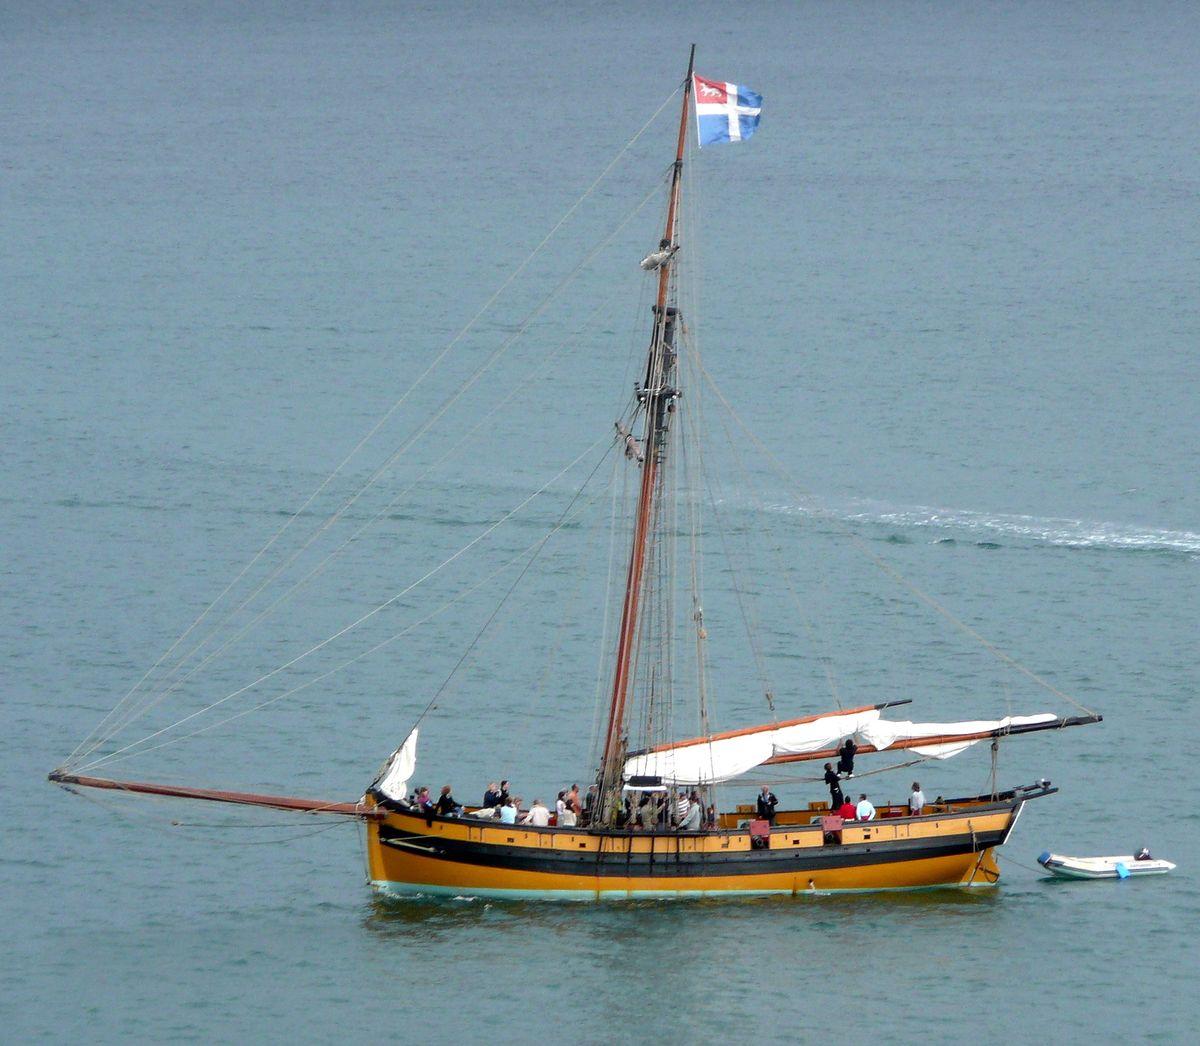 Sorties associatives sur Le Renard avec l'Association du Côtre Corsaire